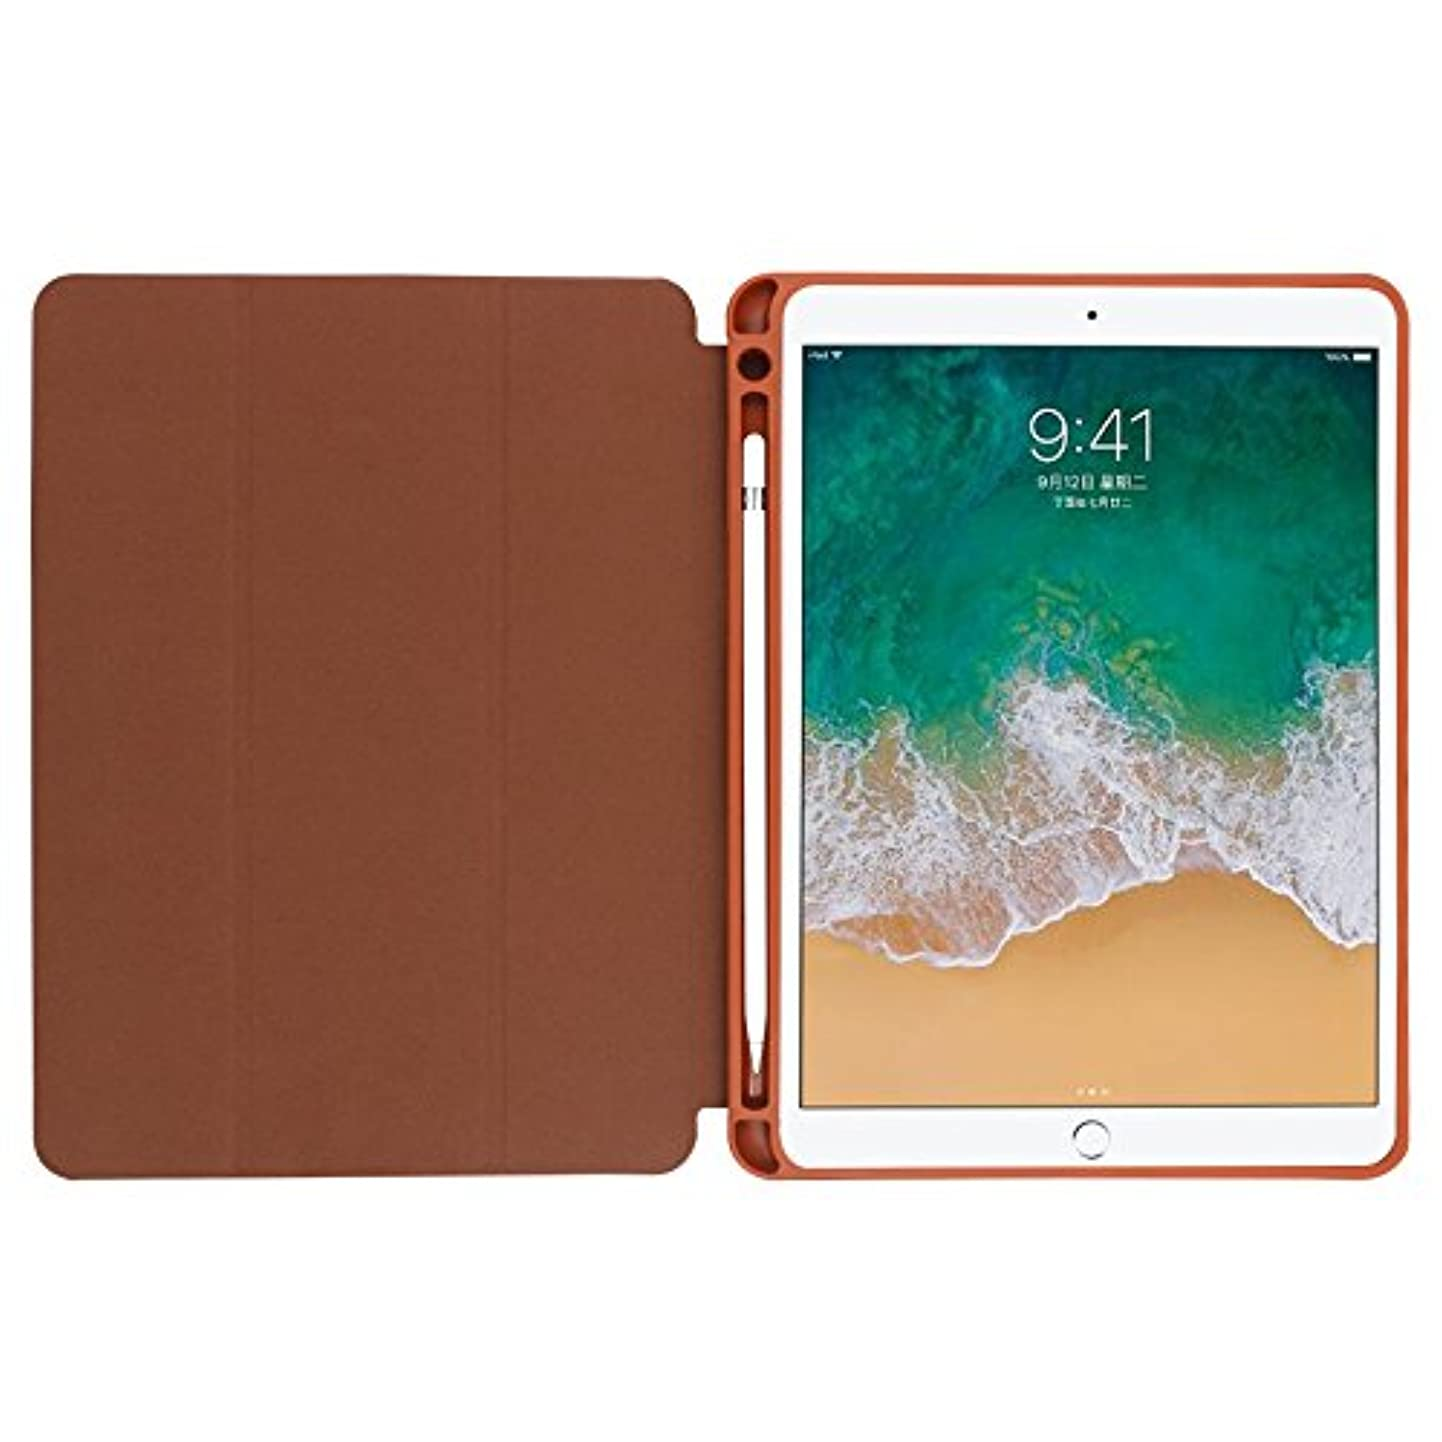 アクションブランド醸造所XIHAMA iPad Pro 12.9 ケース Apple Pencil収納可能 スタンド機能 iPad Pro 12.9 インチ 三つ折スタンド 軽量 薄型 保護カバー 手帳型 ケース 2017(モデル番号A1670、A1671)/2015年版専用に対応 (12.9インチ, ブラウン)